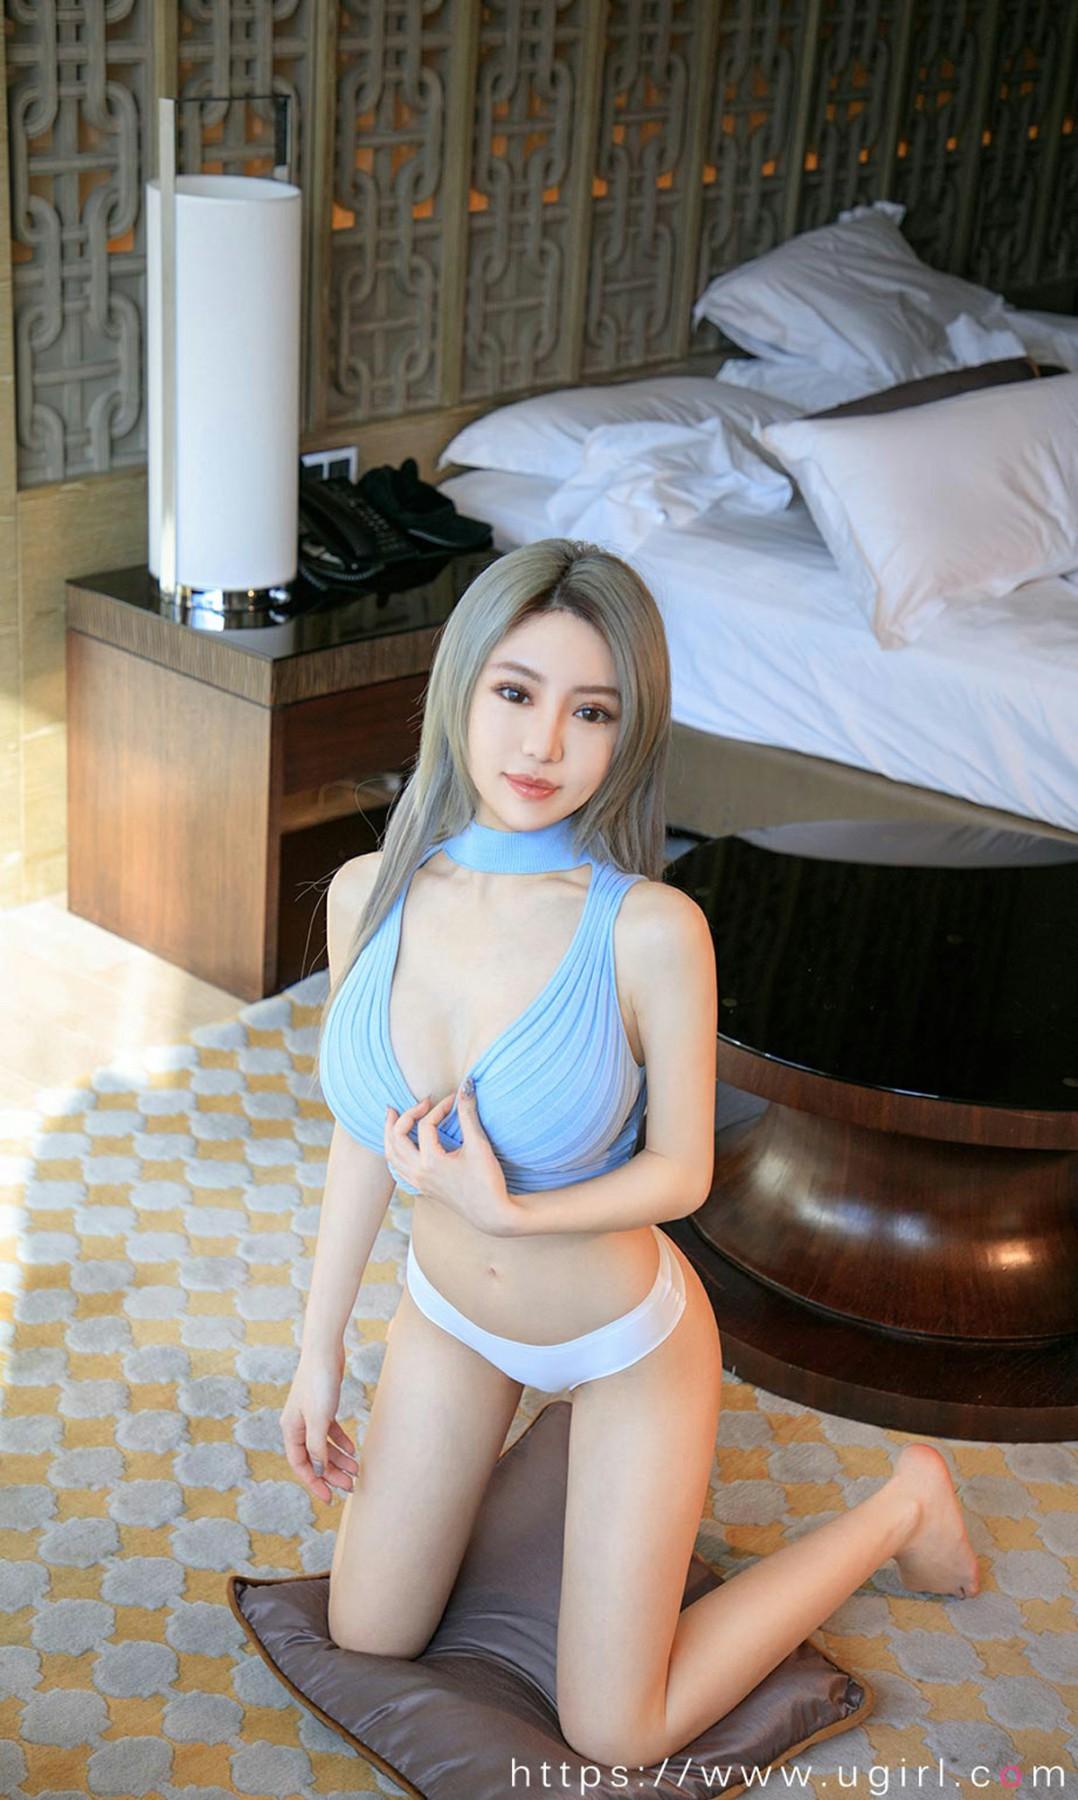 [Ugirls尤果网]爱尤物 2020.05.01 No.1808 Kiki 美人倾晨 第4张